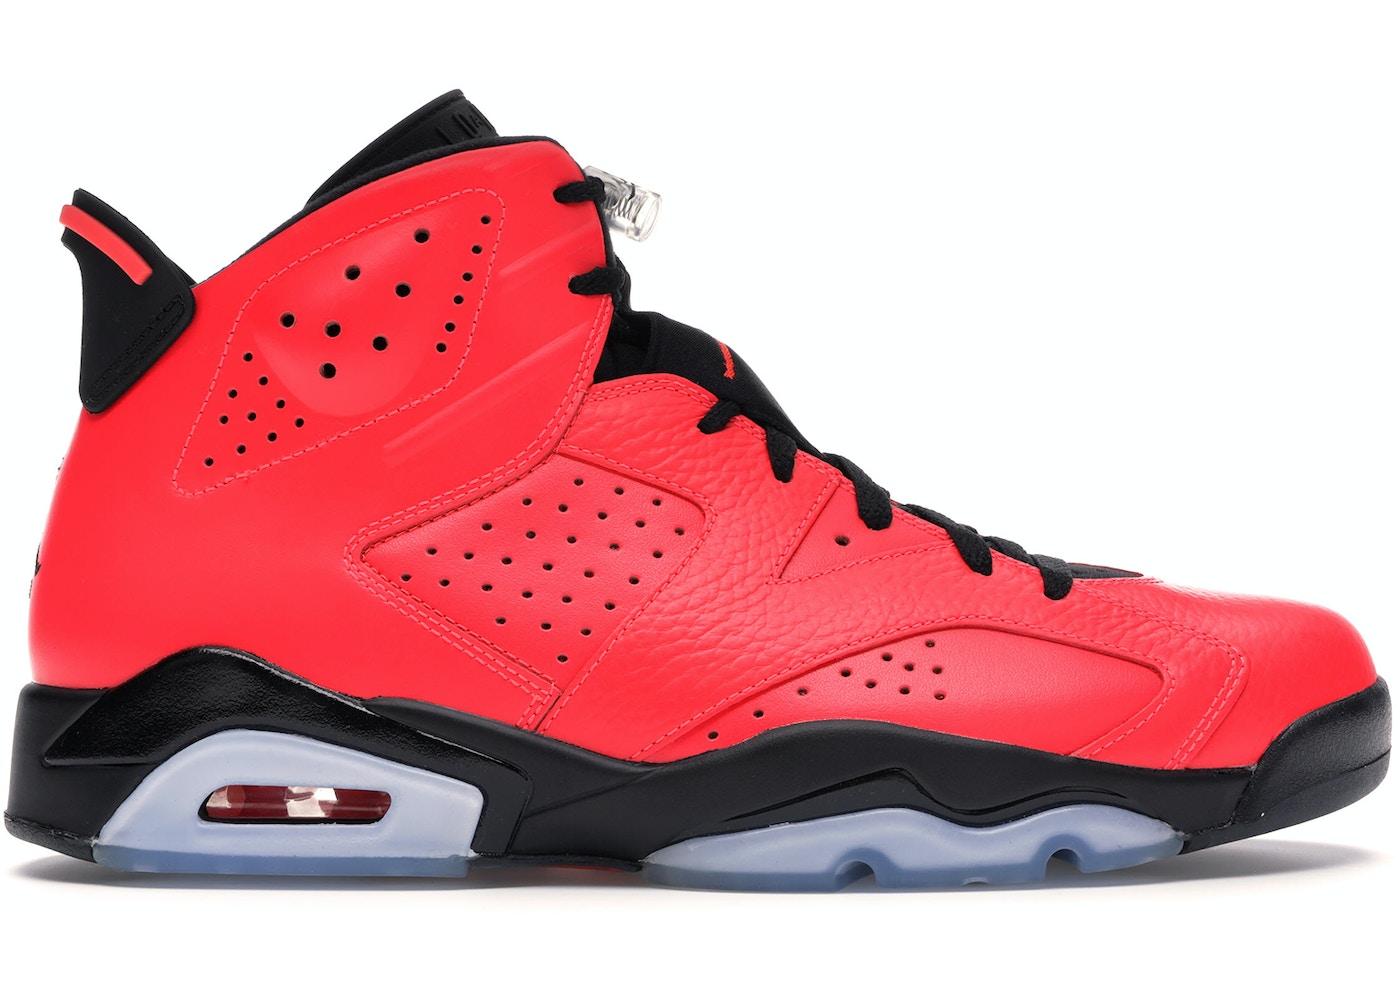 d3cefae768f Jordan 6 Retro Infrared 23 (Toro) - 384664-623